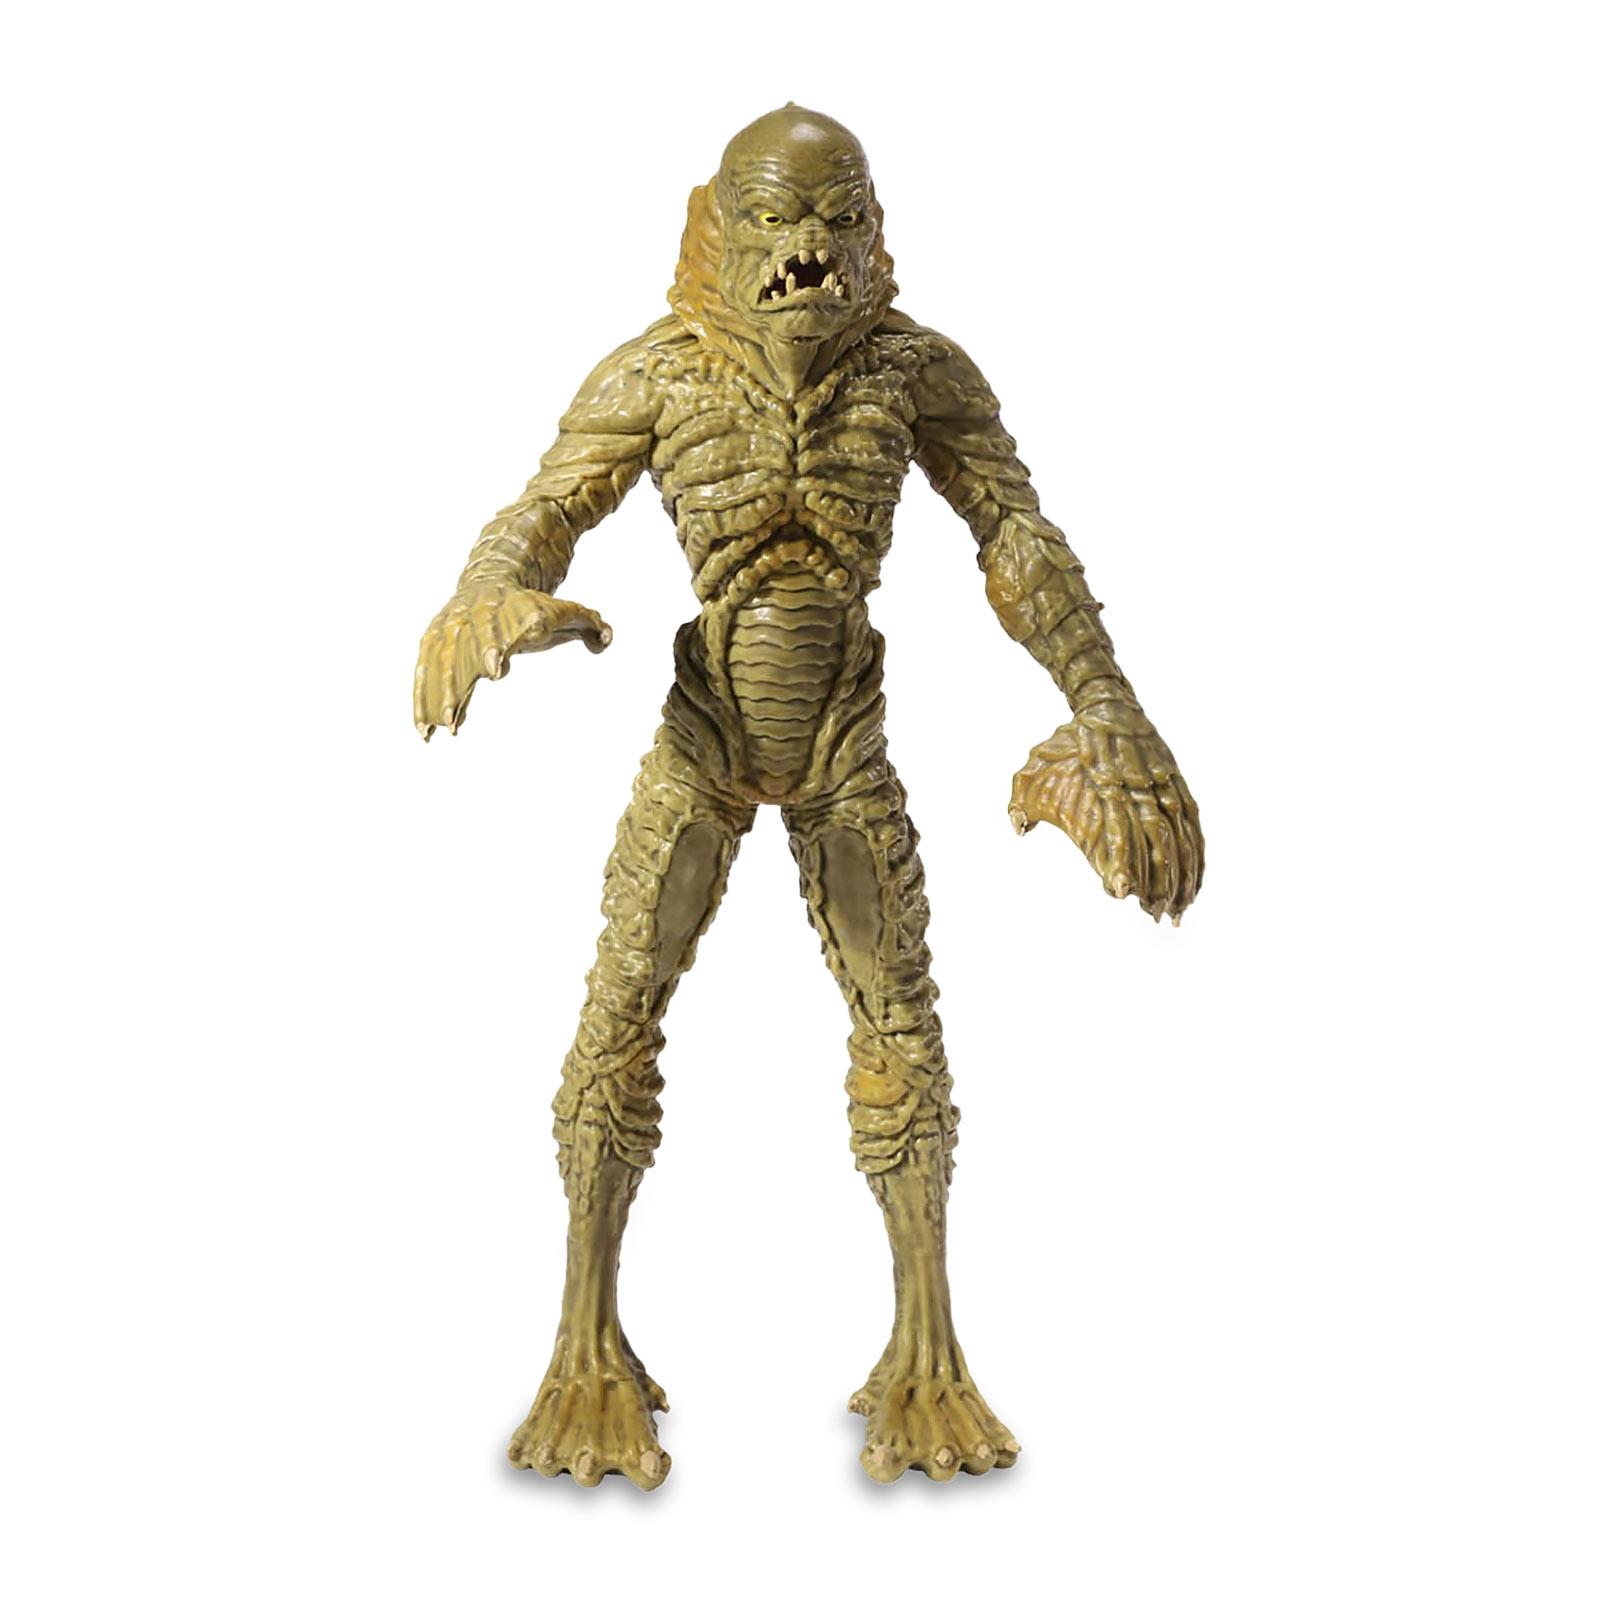 Universal Monsters - Der Schrecken vom Amazonas Bendyfigs Mini Figur 14 cm